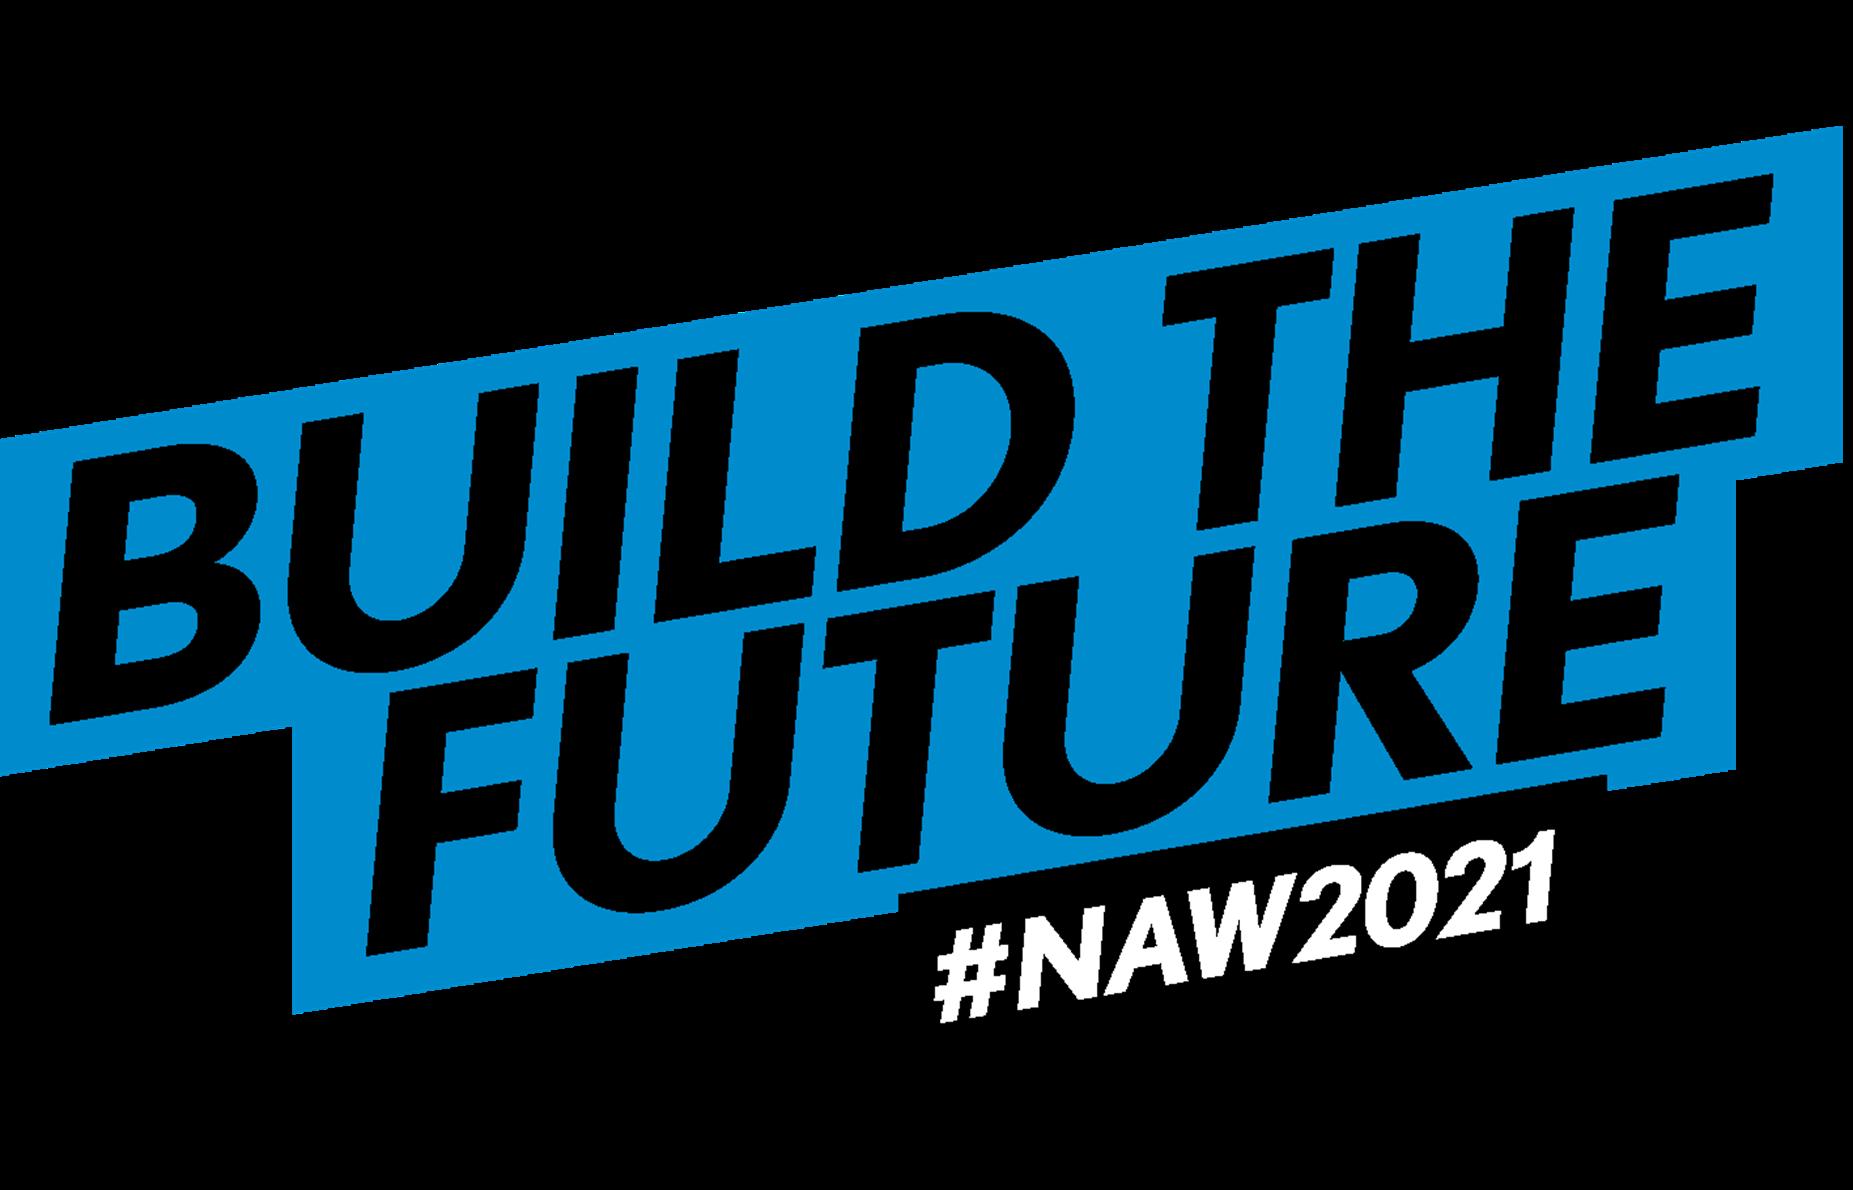 Build the future apprentices logo